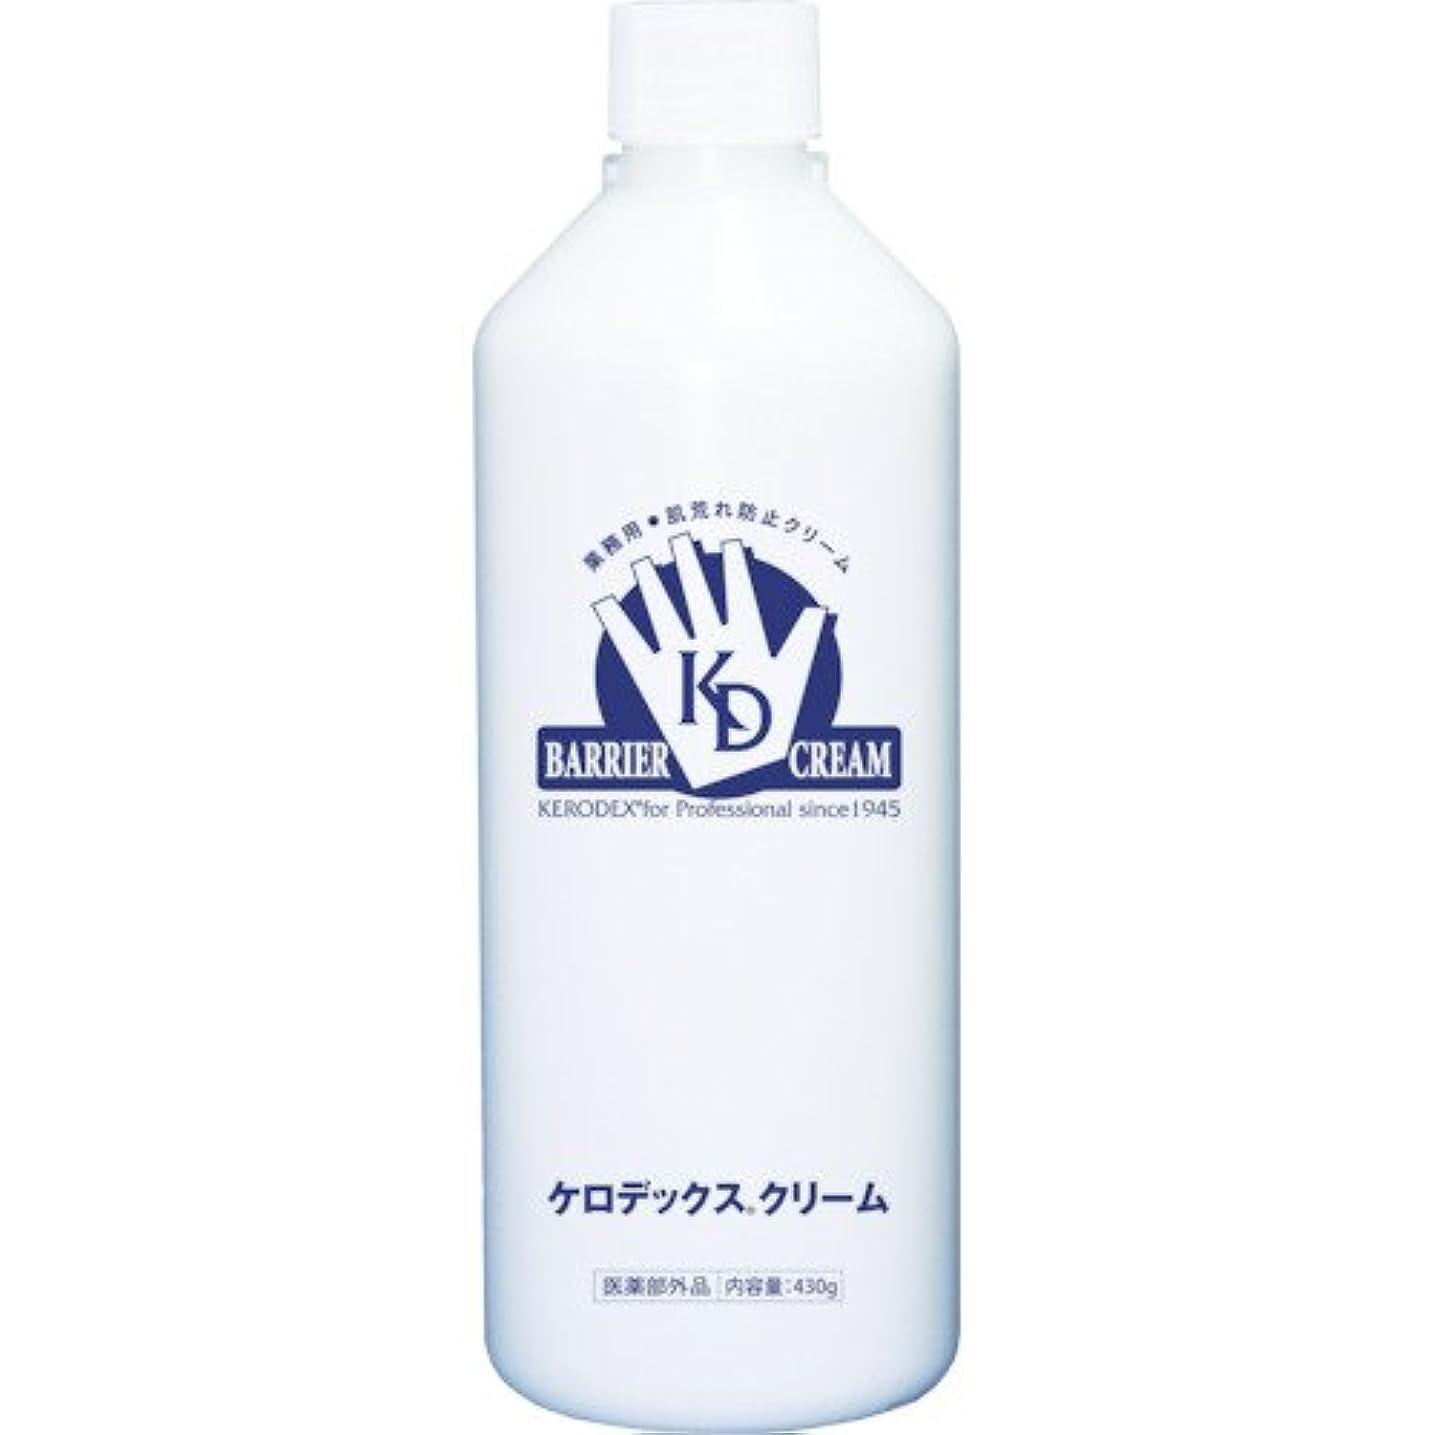 愛情ポーチ描写ケロデックスクリーム ボトルタイプ 詰替用 430g